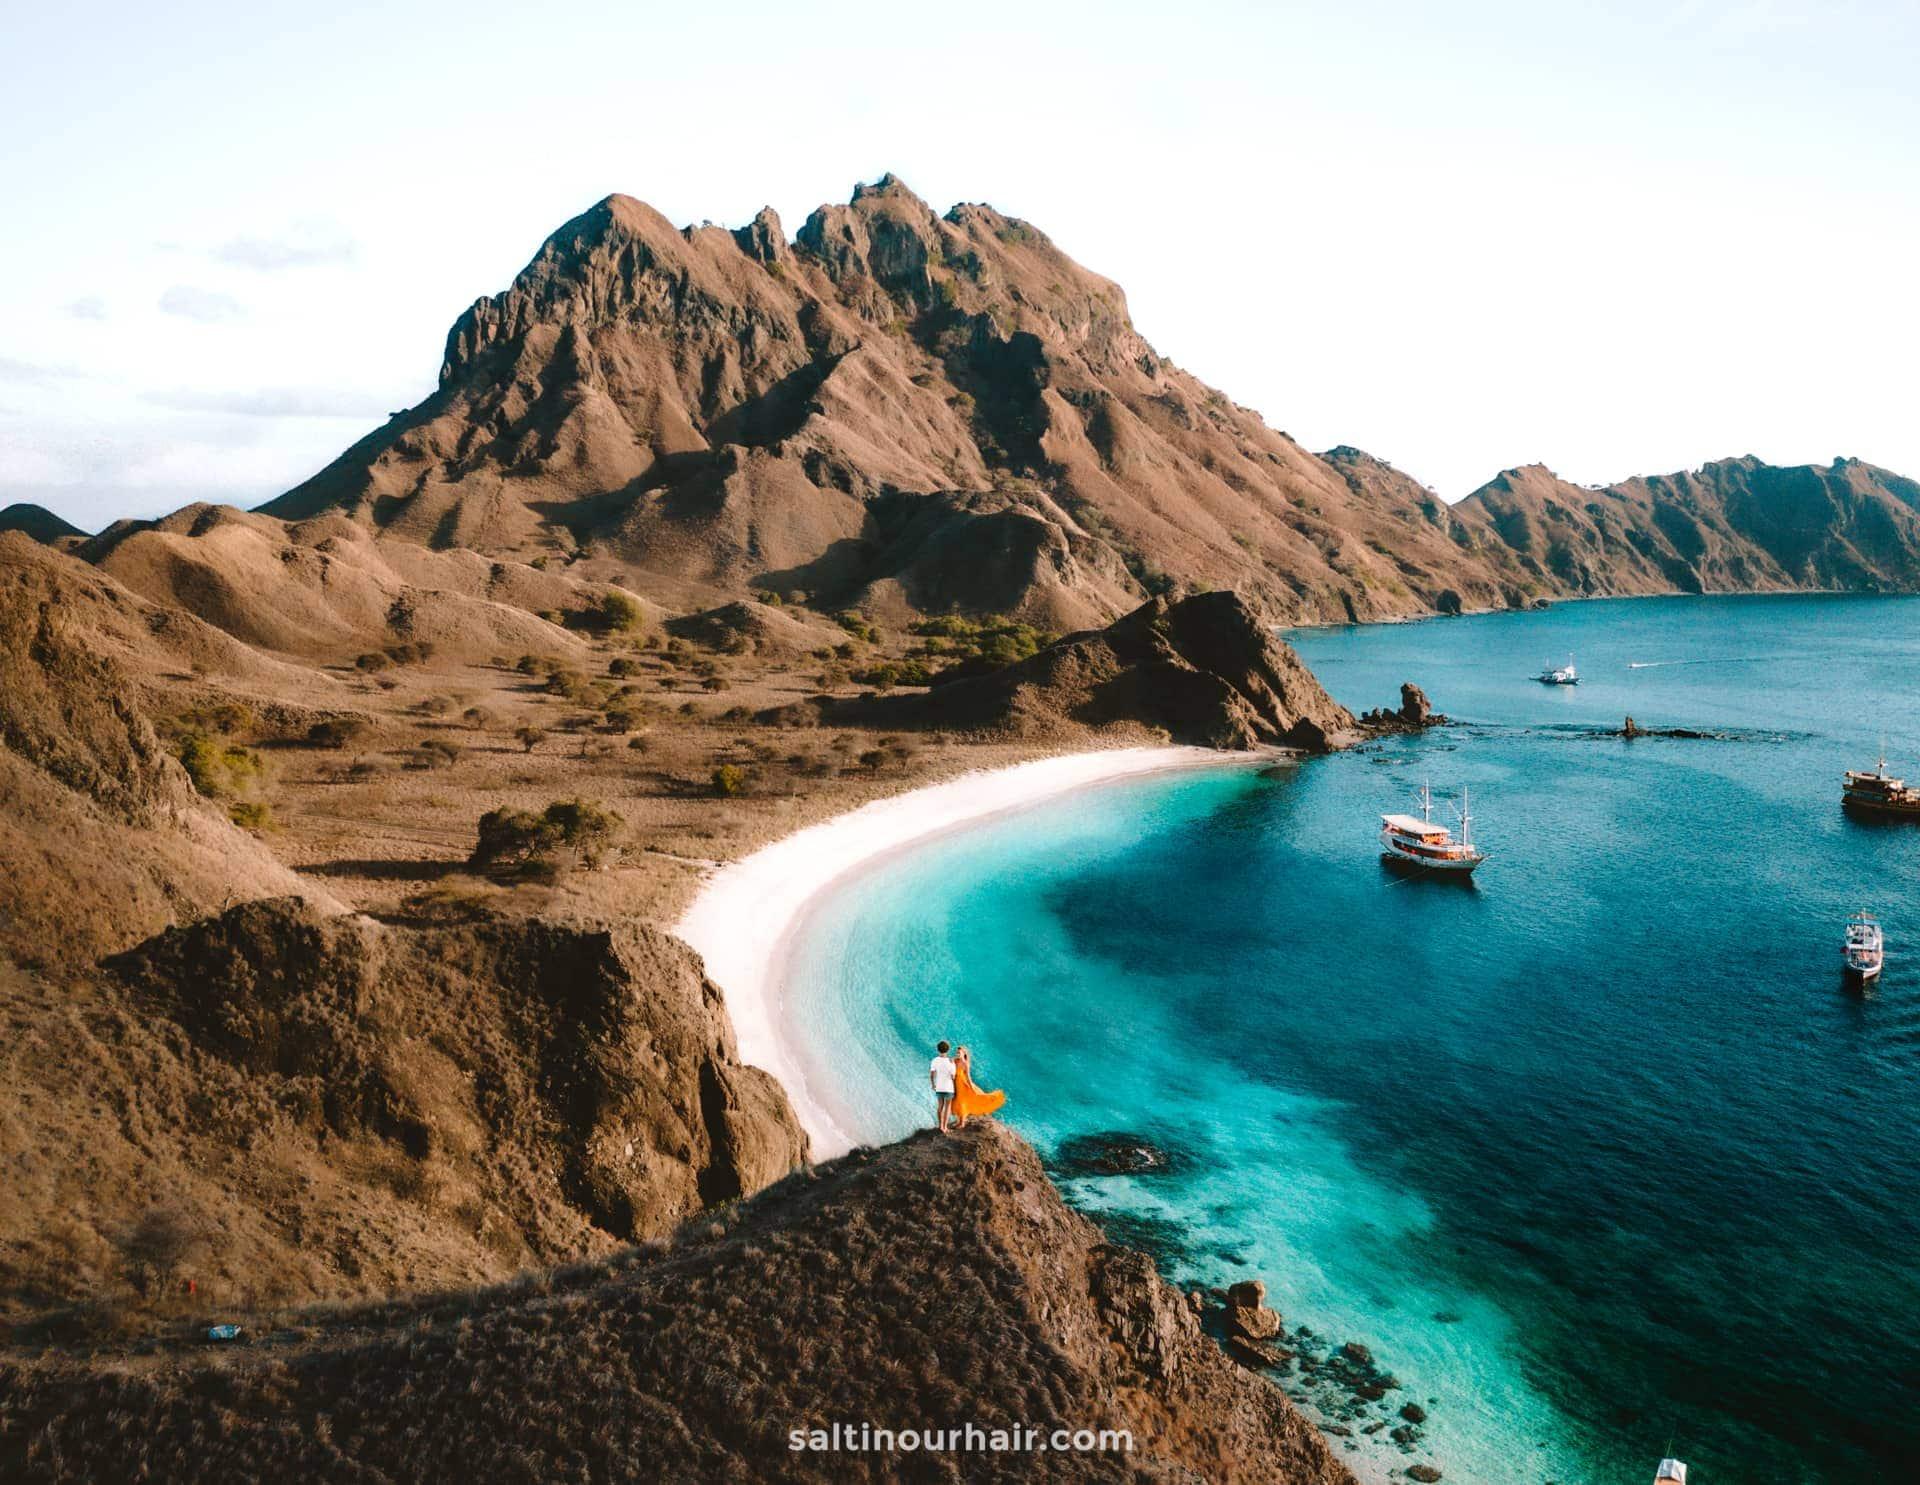 indonesia padar island komodo